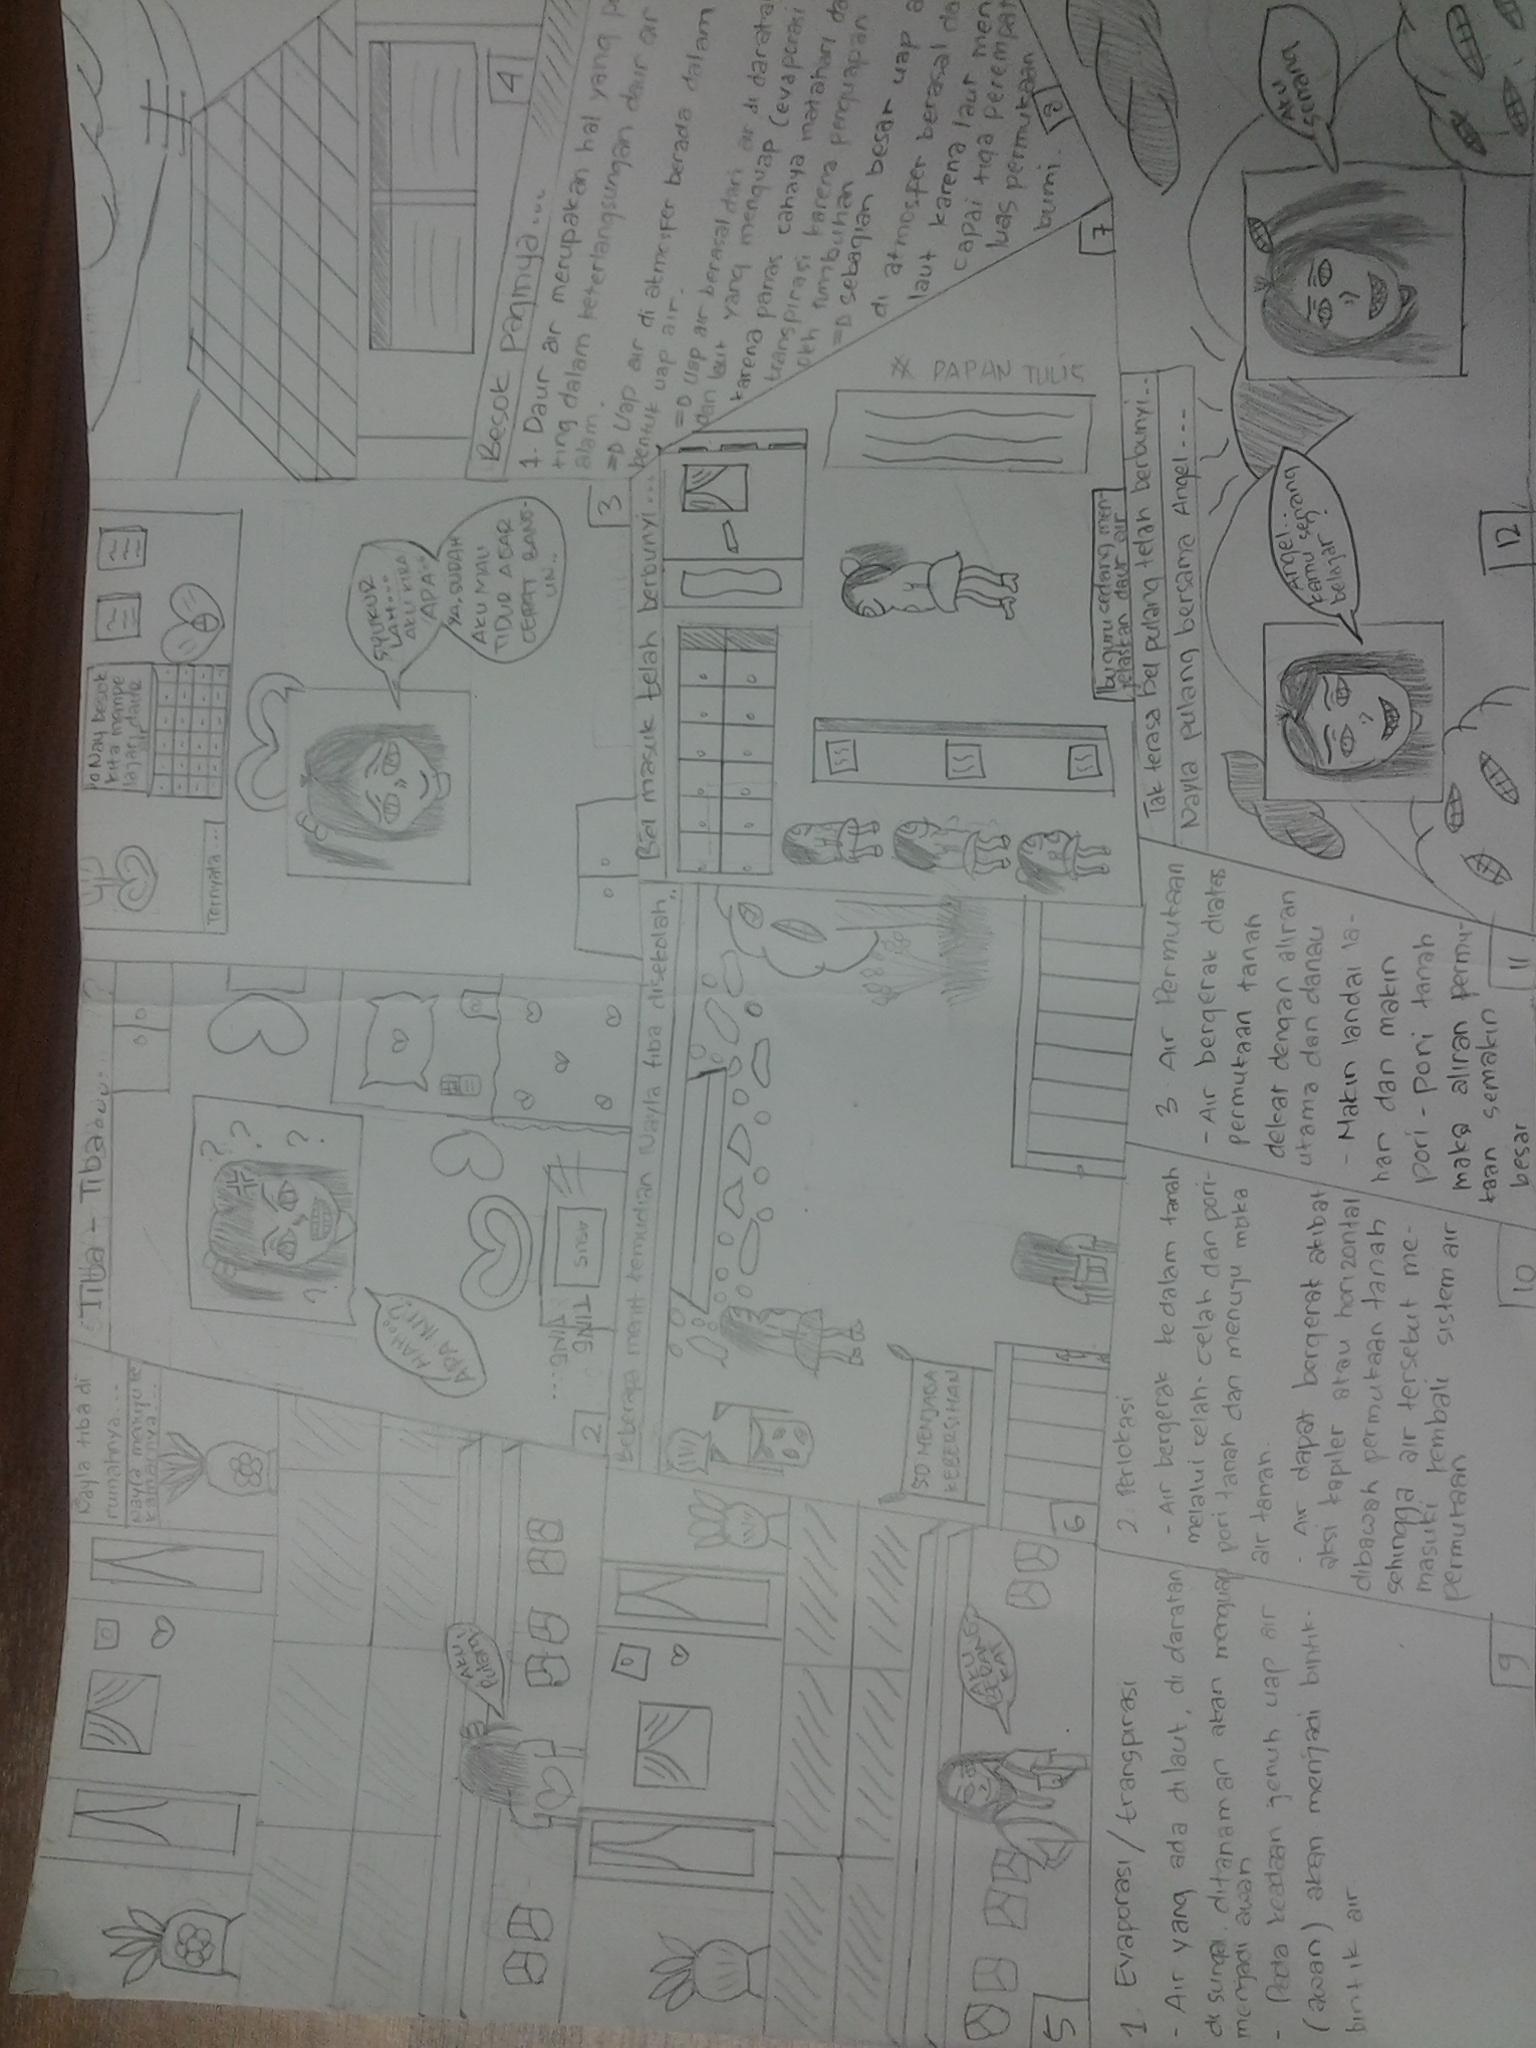 Bisa anda bayangkan kalau semua hasil karya komik siswa ini dipajang di ruang kelas dengan ukuran komik buku gambar A3 dan ada yang 2 3 lembar satu siswa